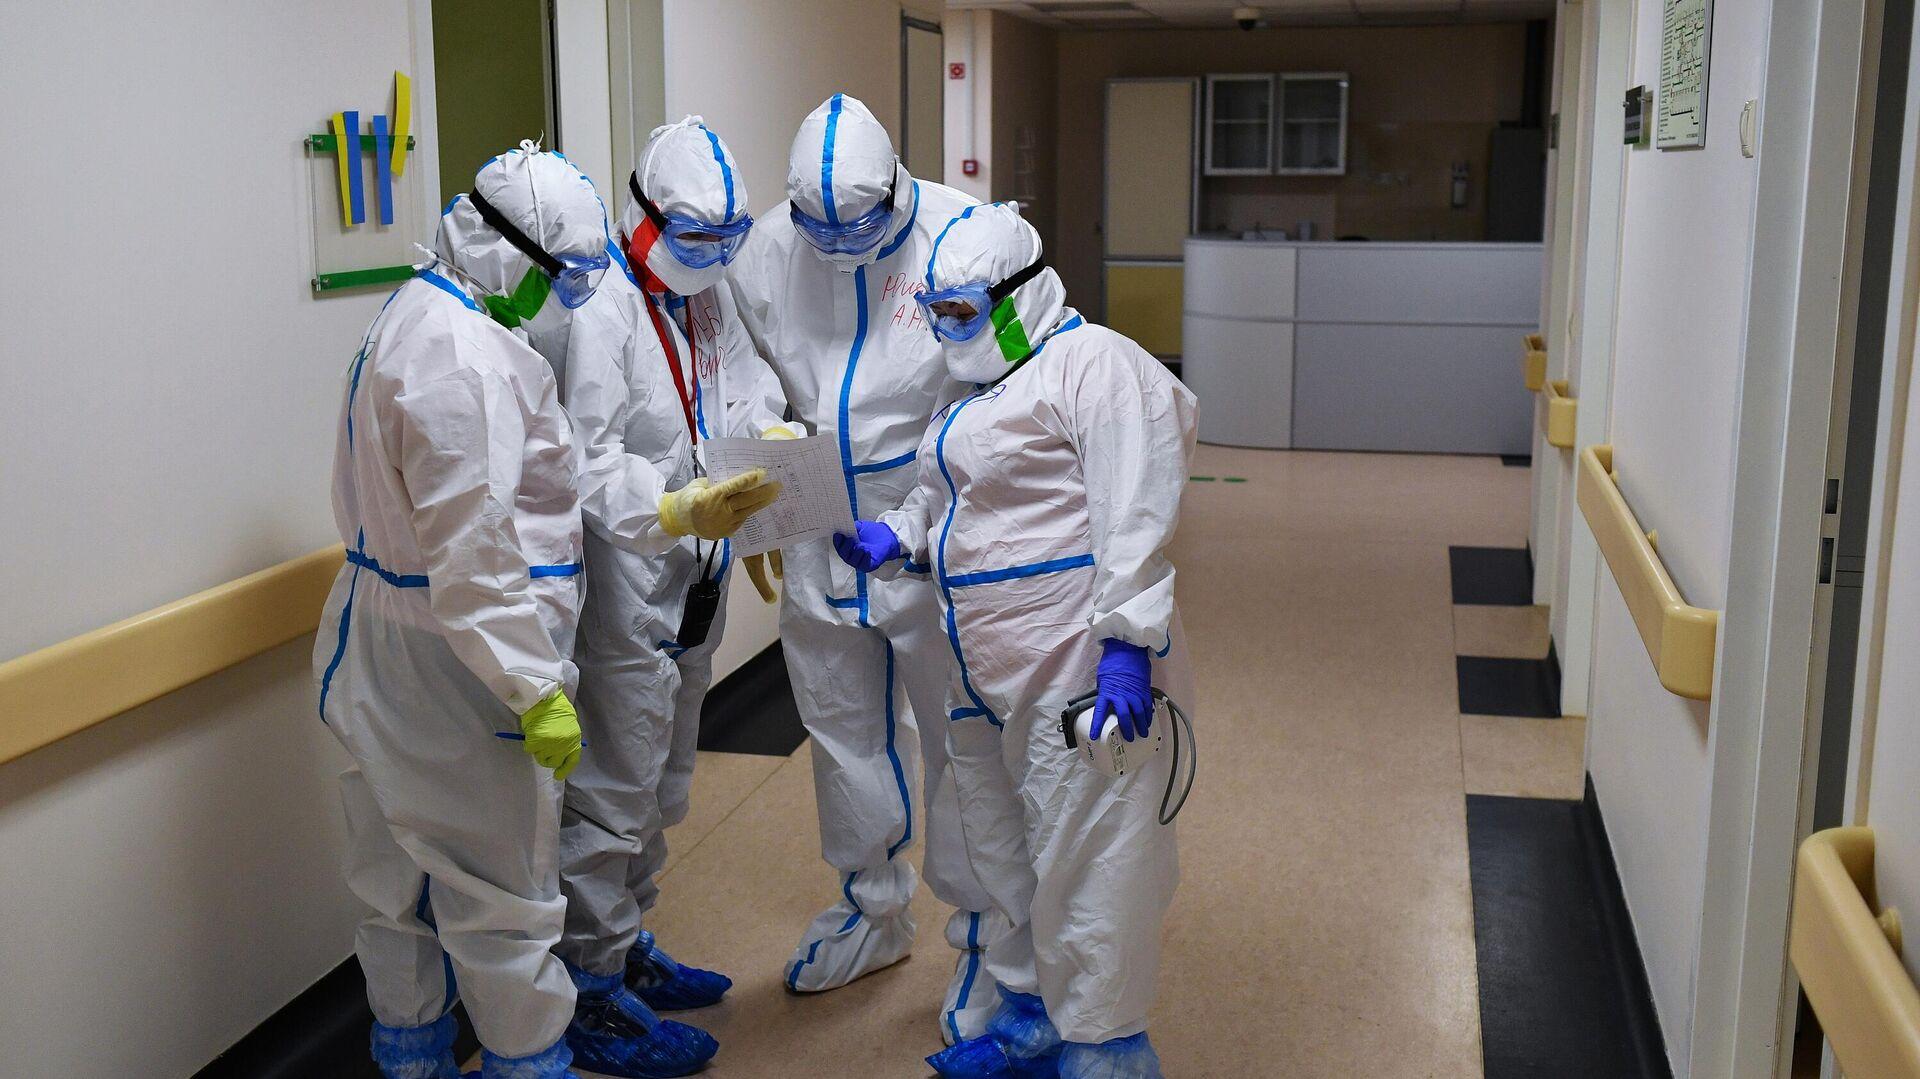 Медицинские работники в одном из отделений госпиталя COVID-19 в Центре мозга и нейротехнологий ФМБА России - РИА Новости, 1920, 03.10.2020